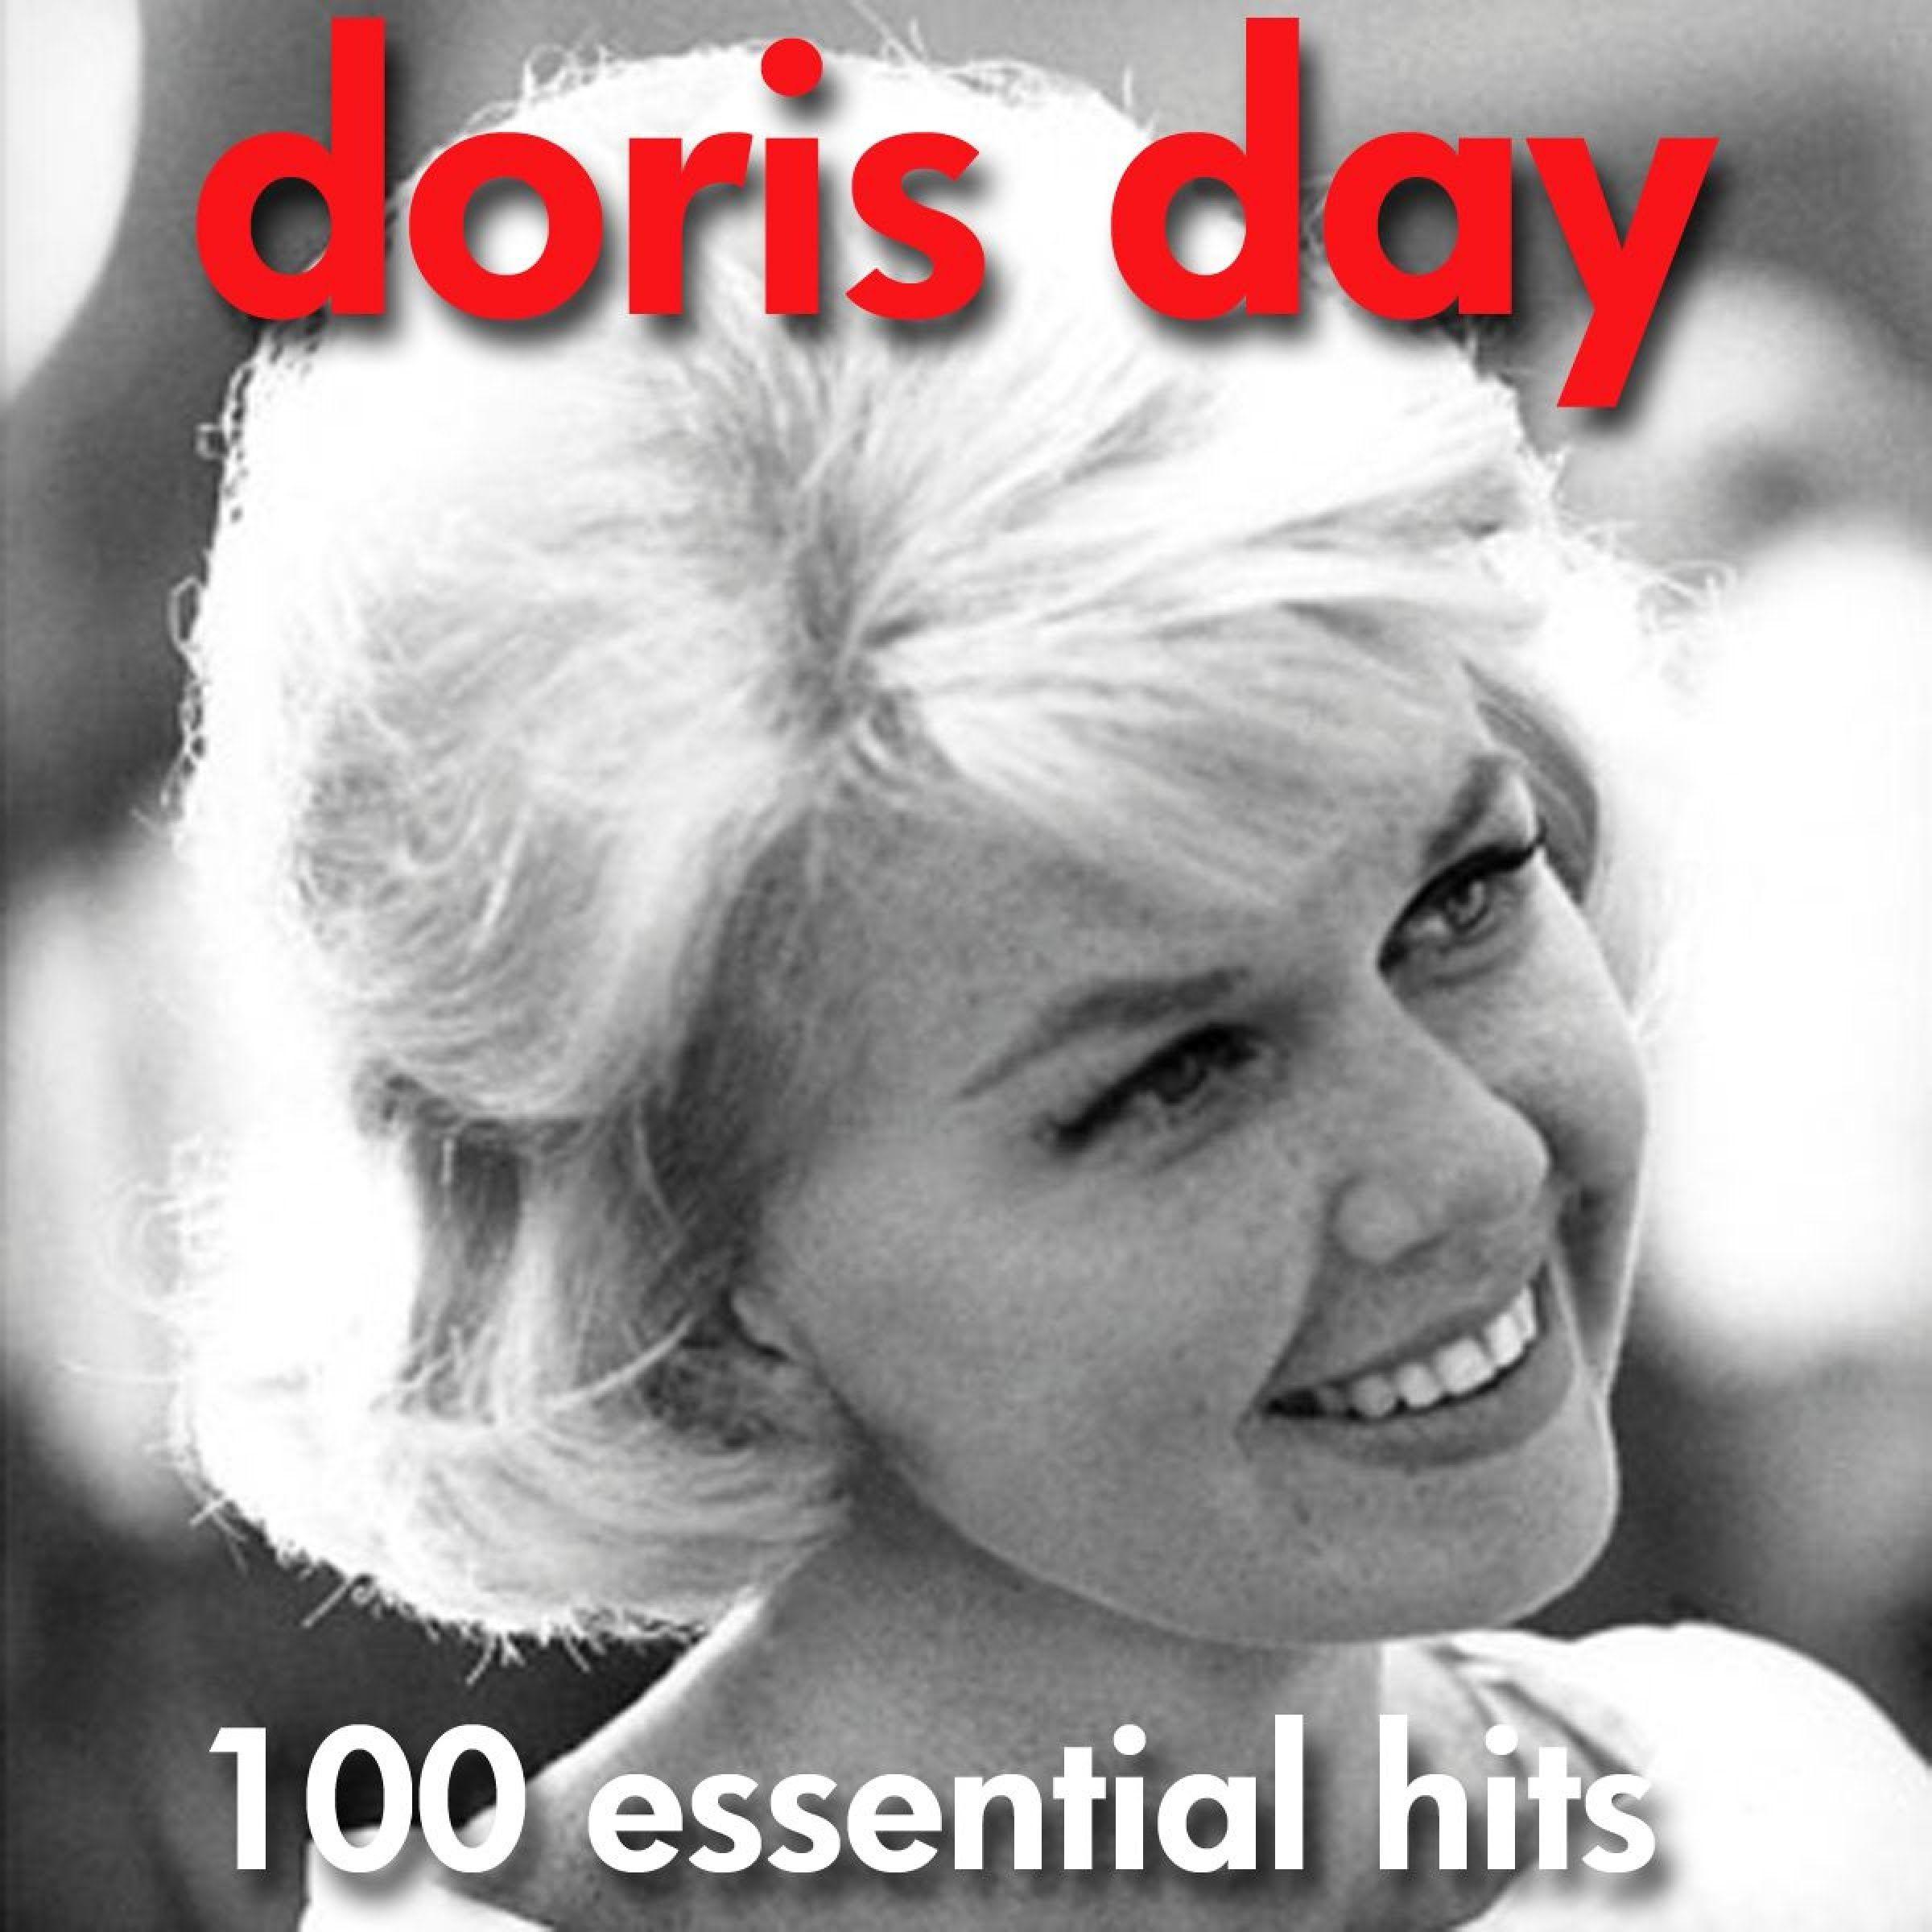 Doris Day - 100 Essential Hits (AudioSonic Music) [Full